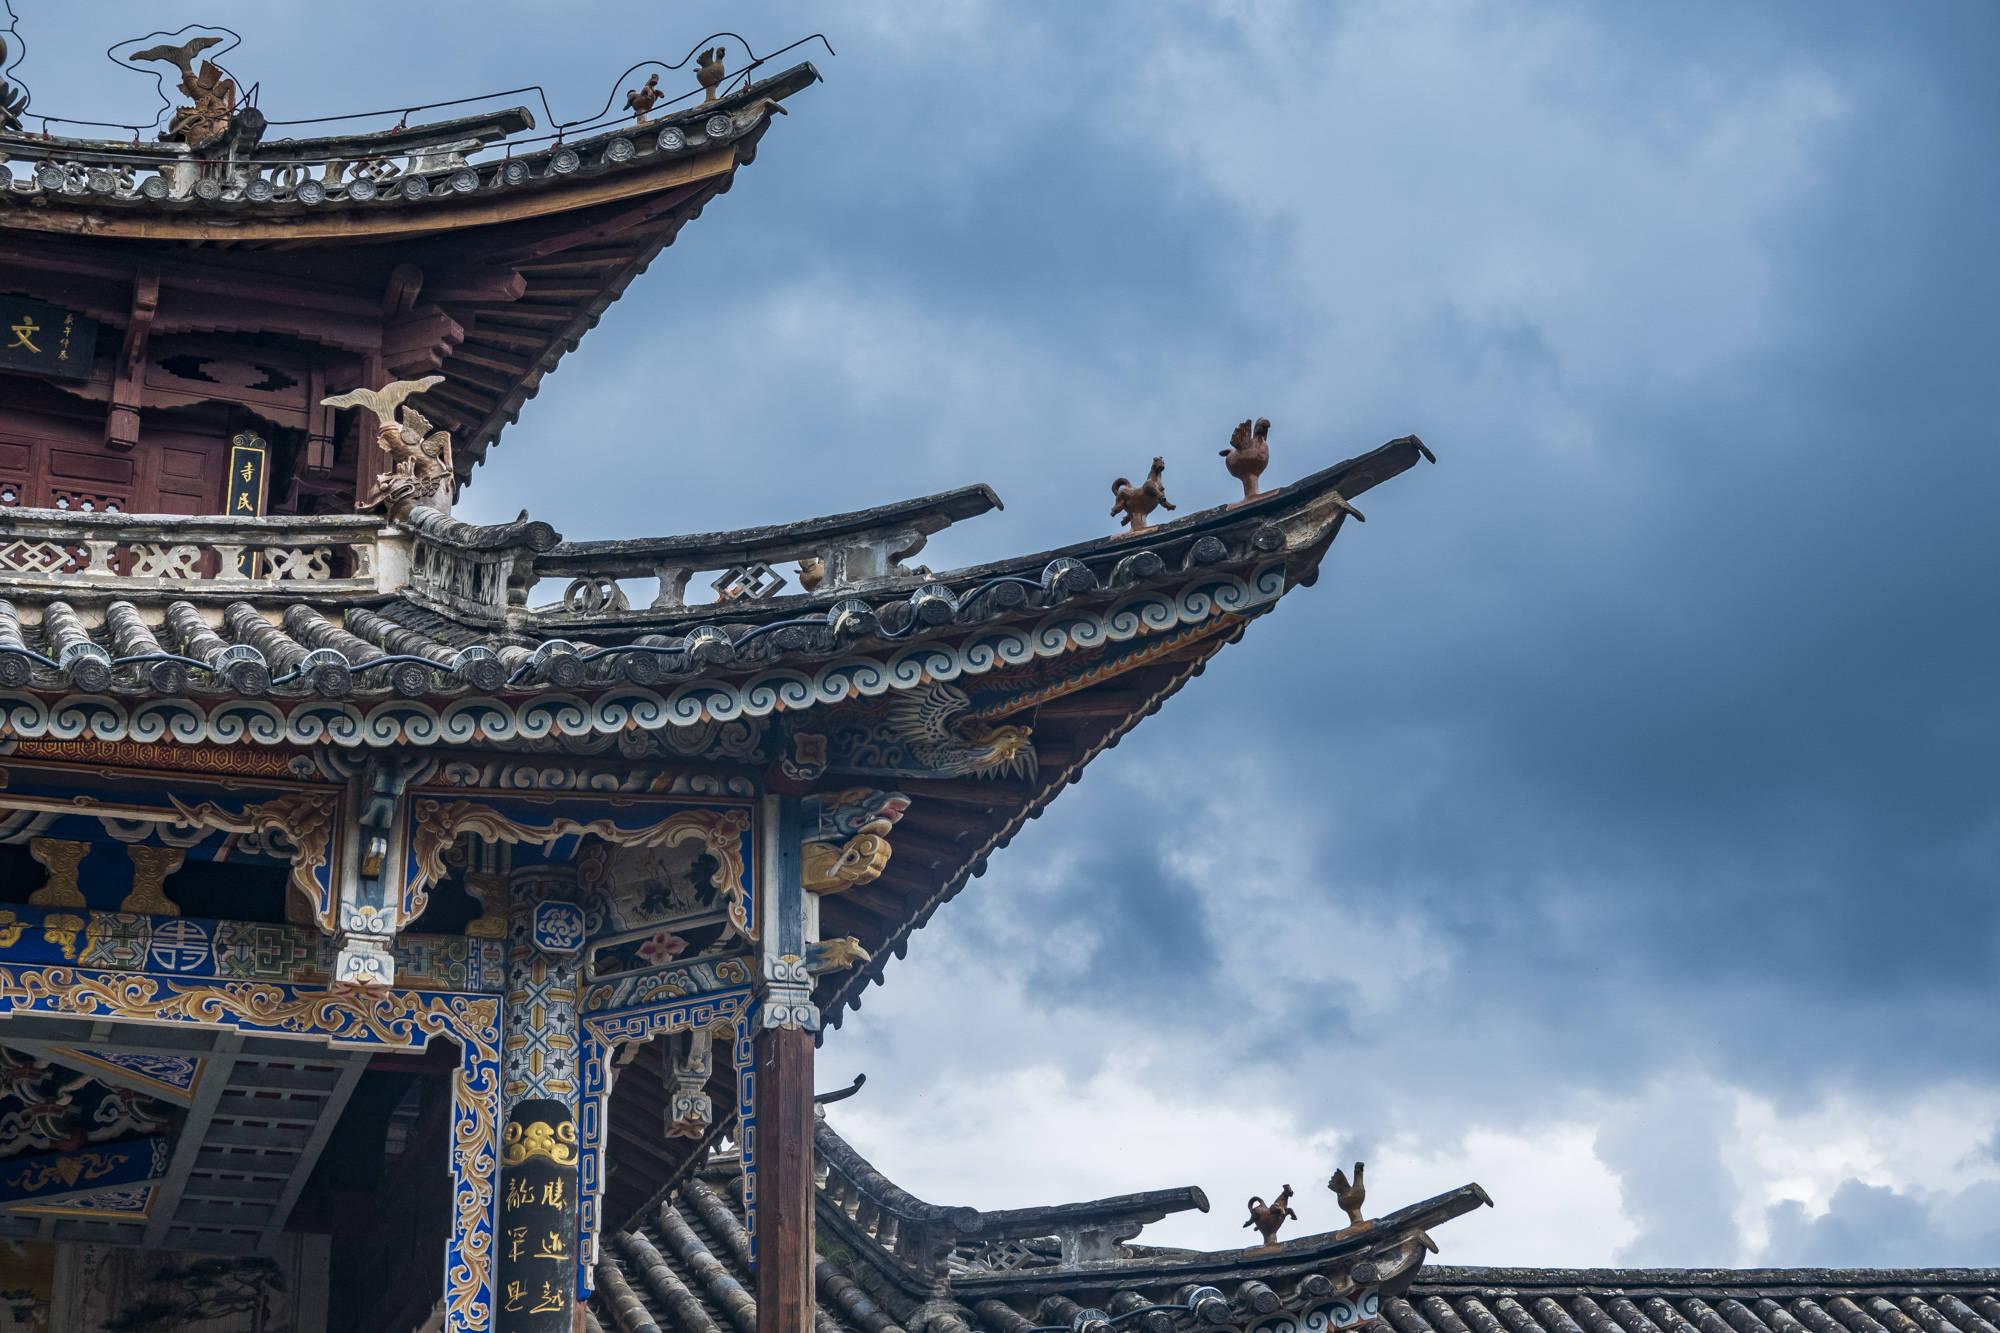 云南,有个鲜为人知的养老天堂,远离尘嚣,美过丽江,险些被遗忘